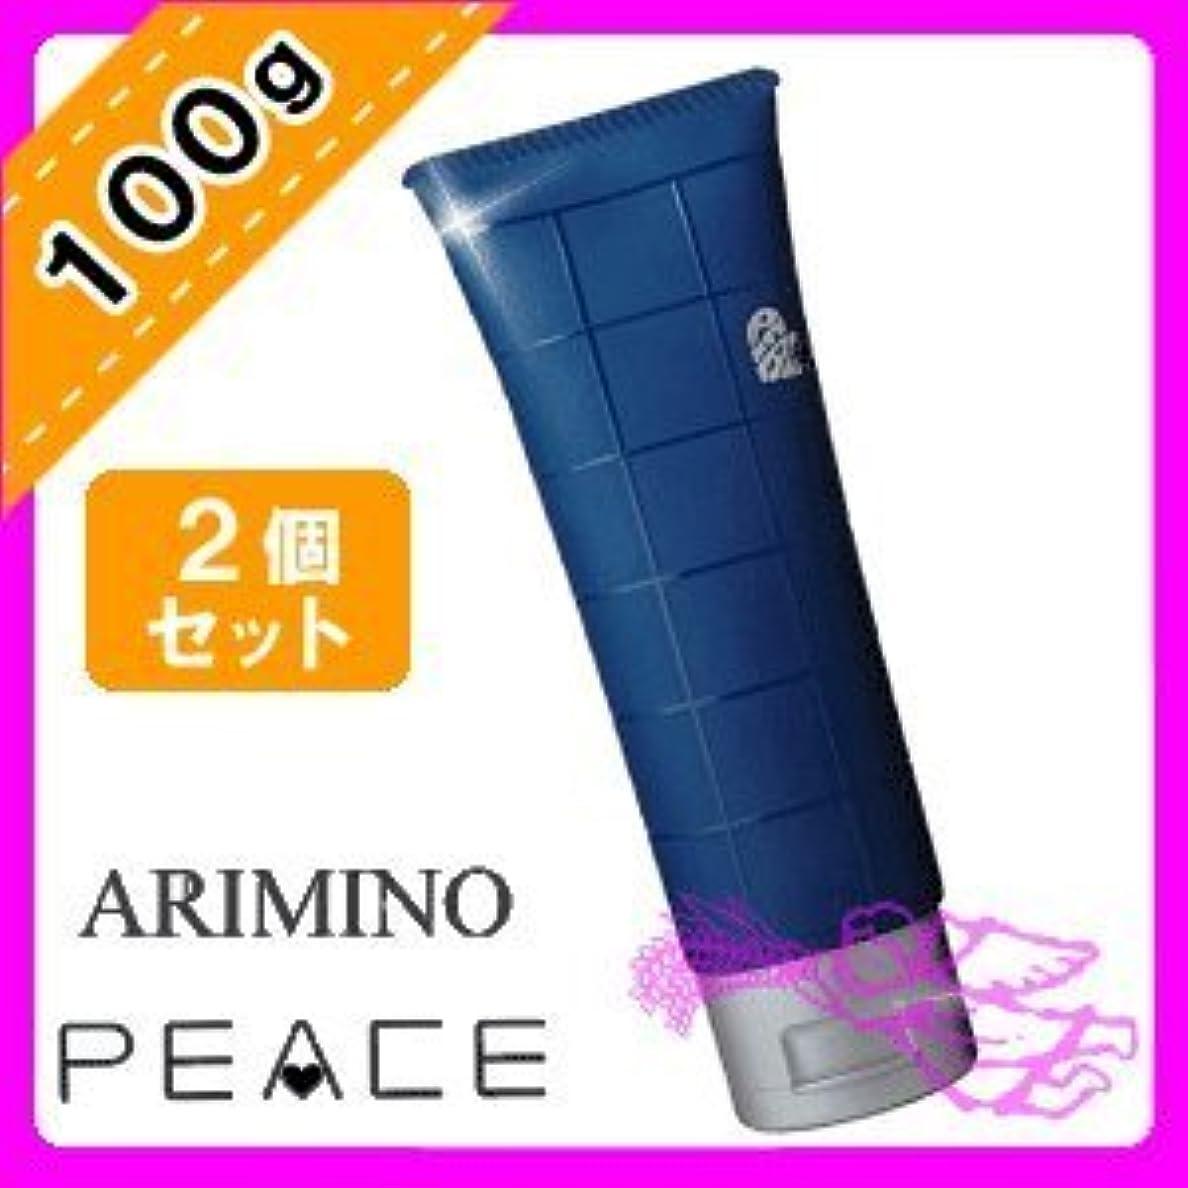 雨の感情の後者アリミノ ピース ウェットオイル グリース 100g ×2個セット arimino PEACE